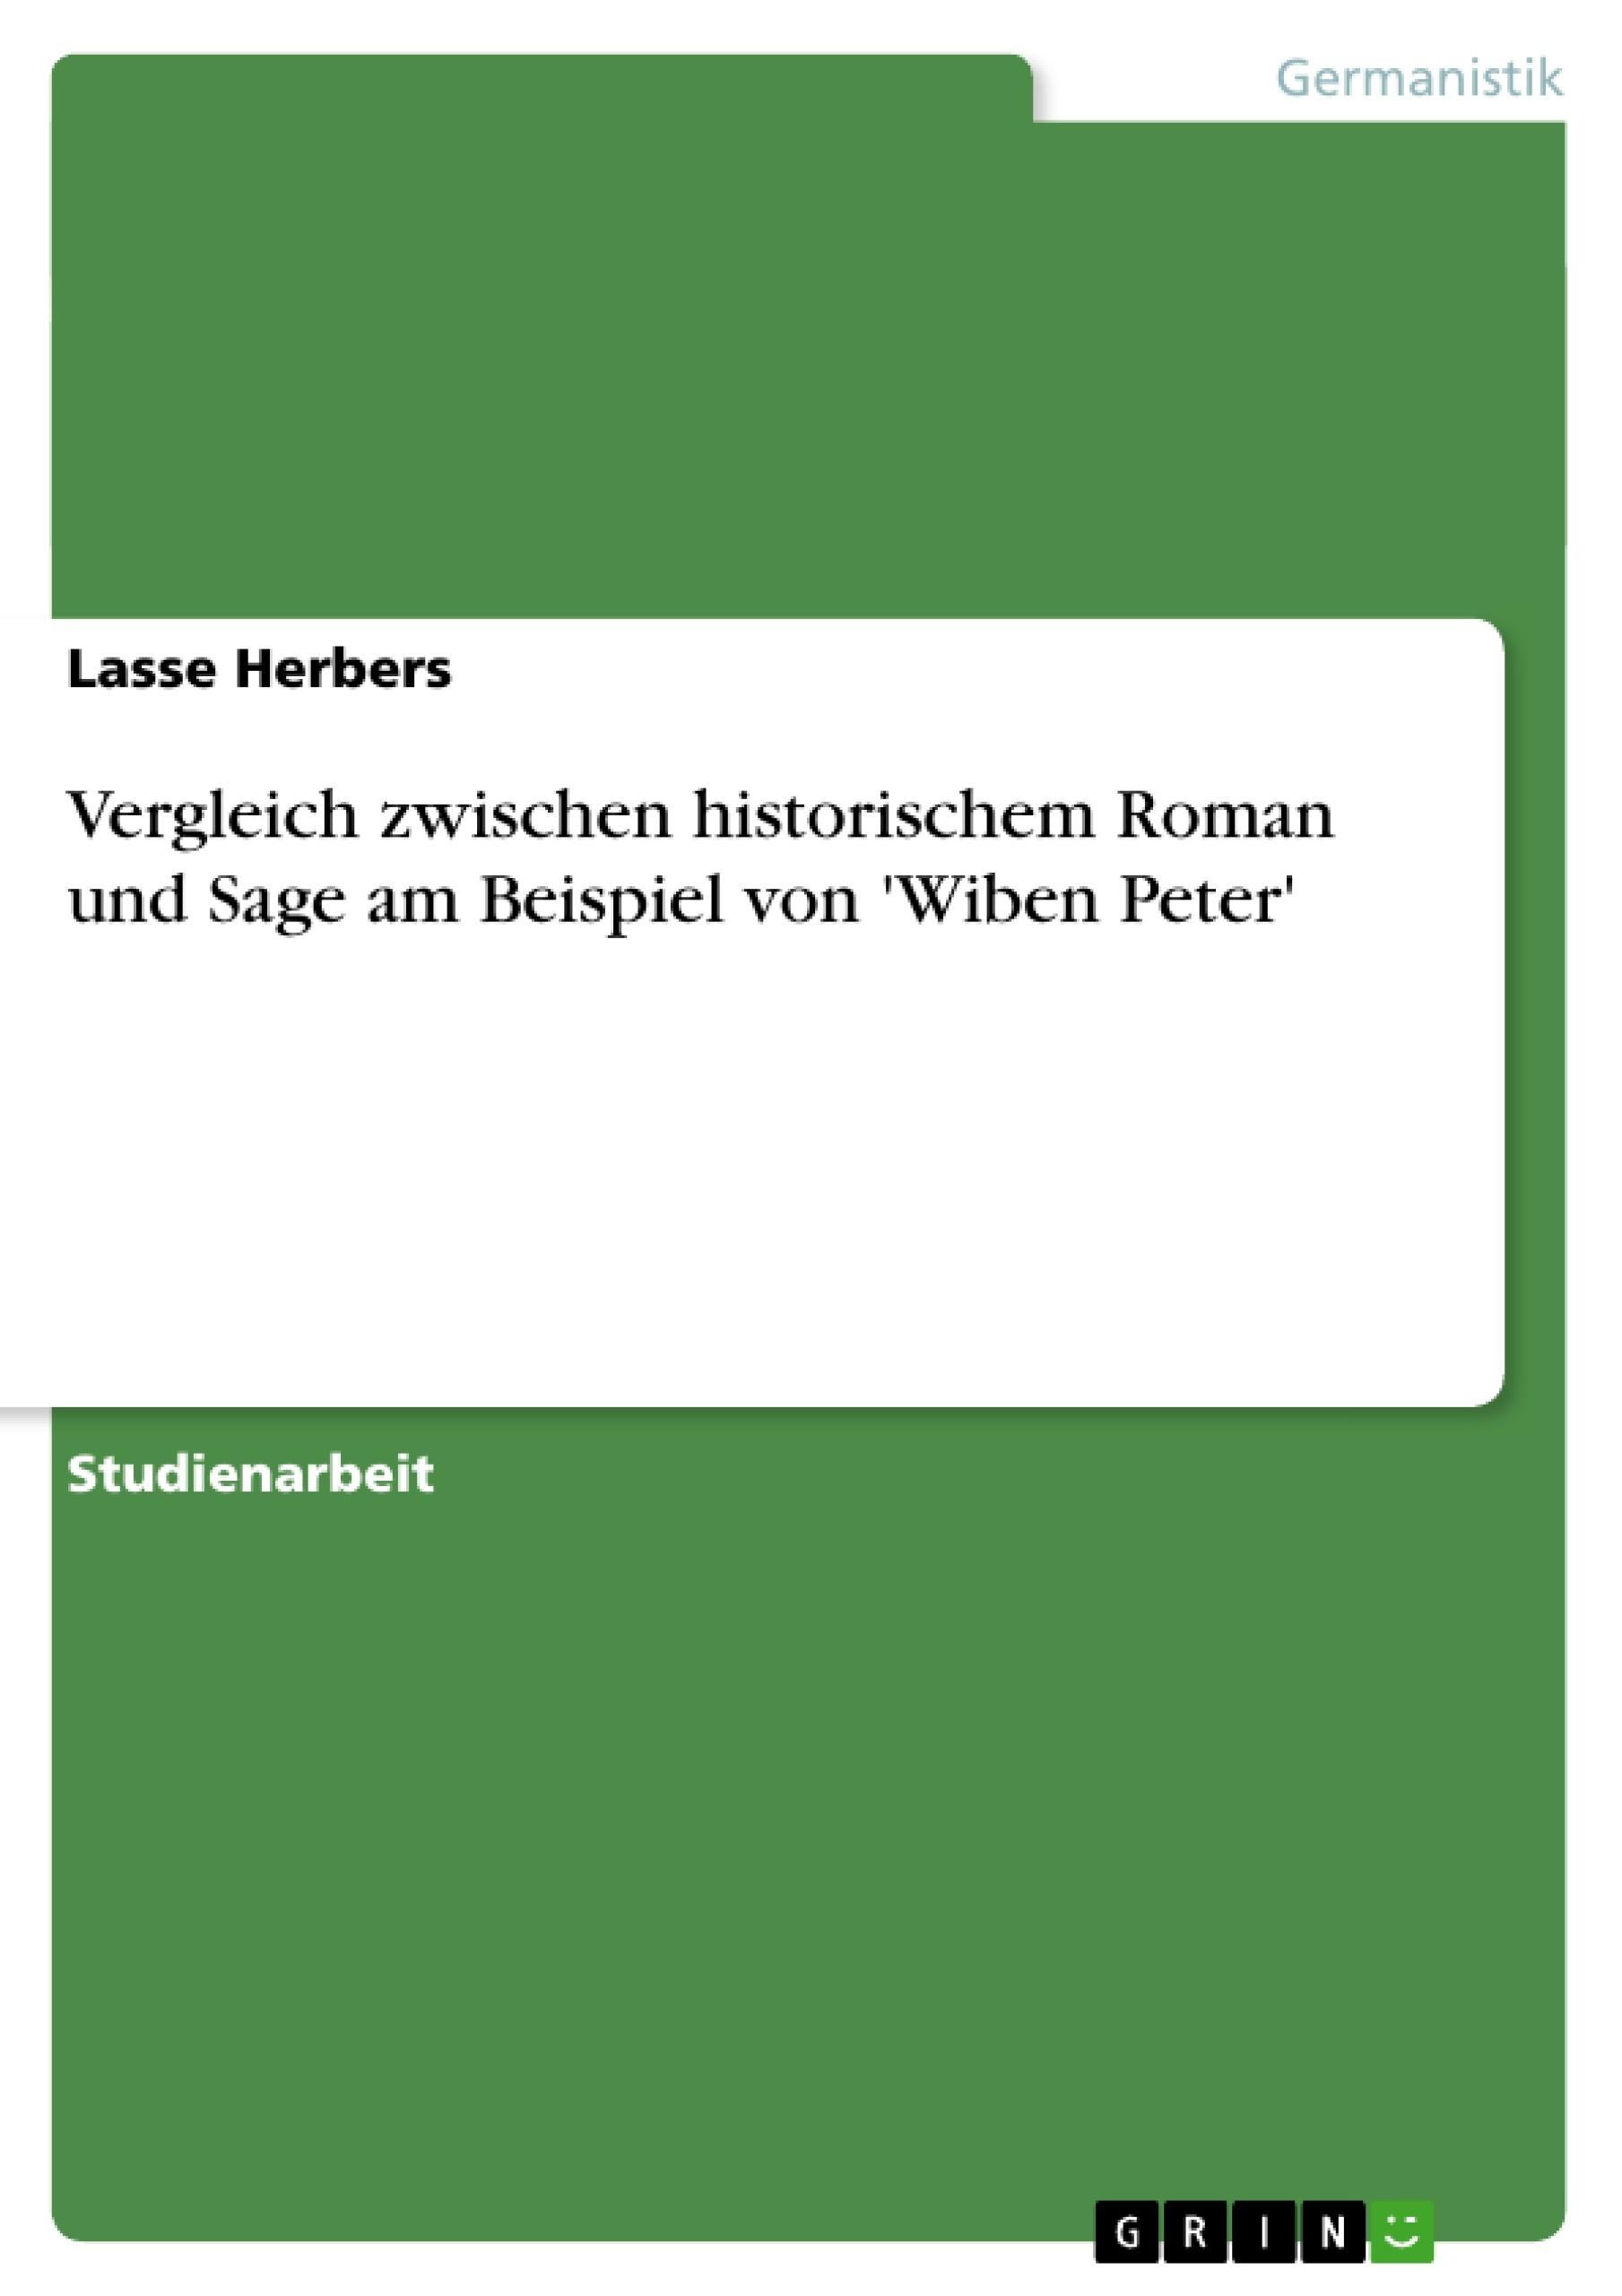 Titel: Vergleich zwischen historischem Roman und Sage  am Beispiel von 'Wiben Peter'